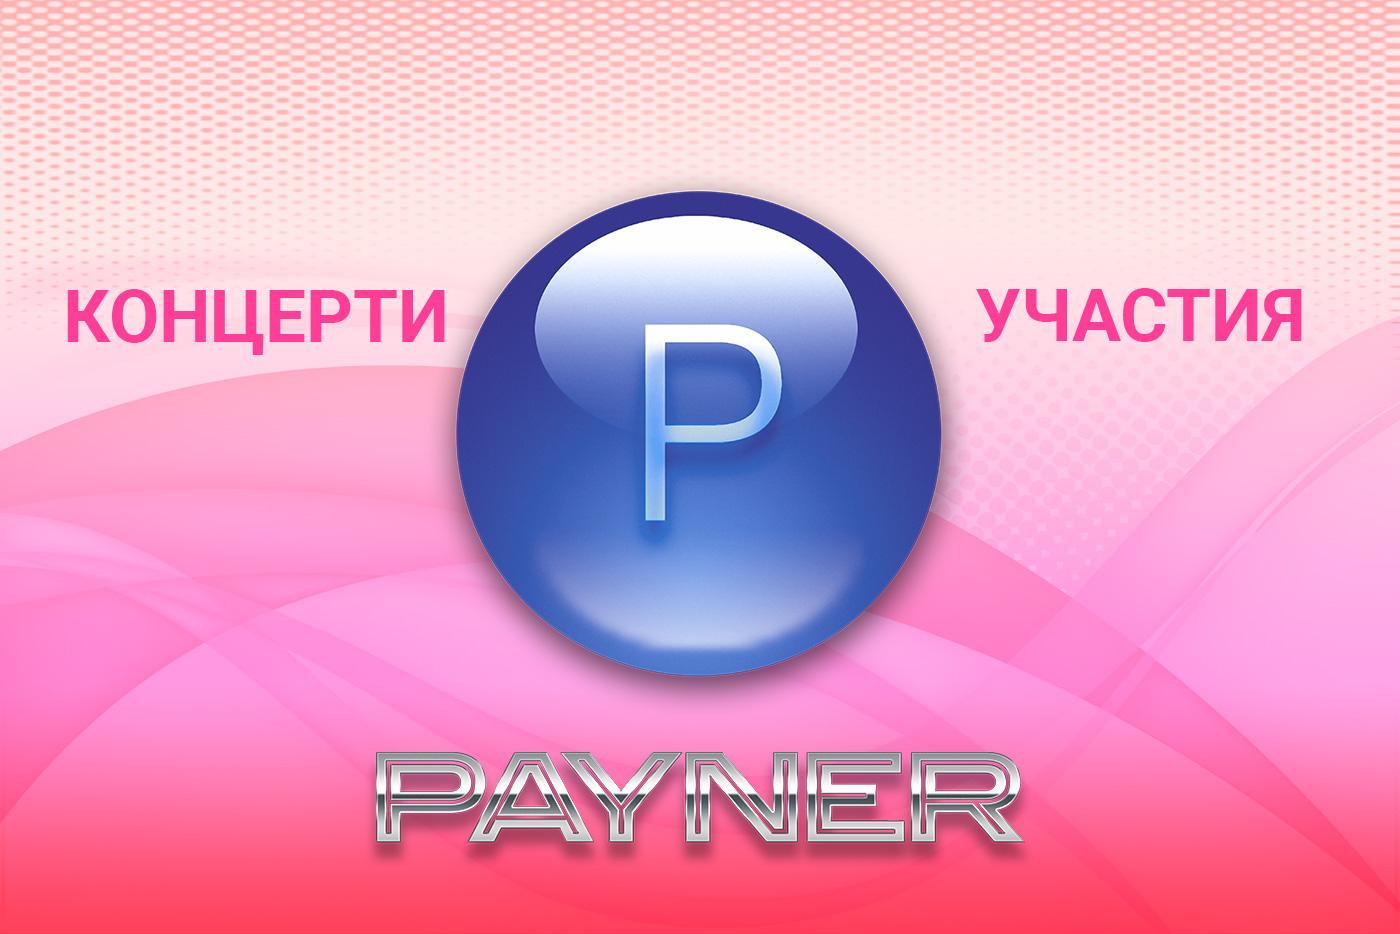 """Участия на звездите на """"Пайнер"""" на 21.08.2018"""